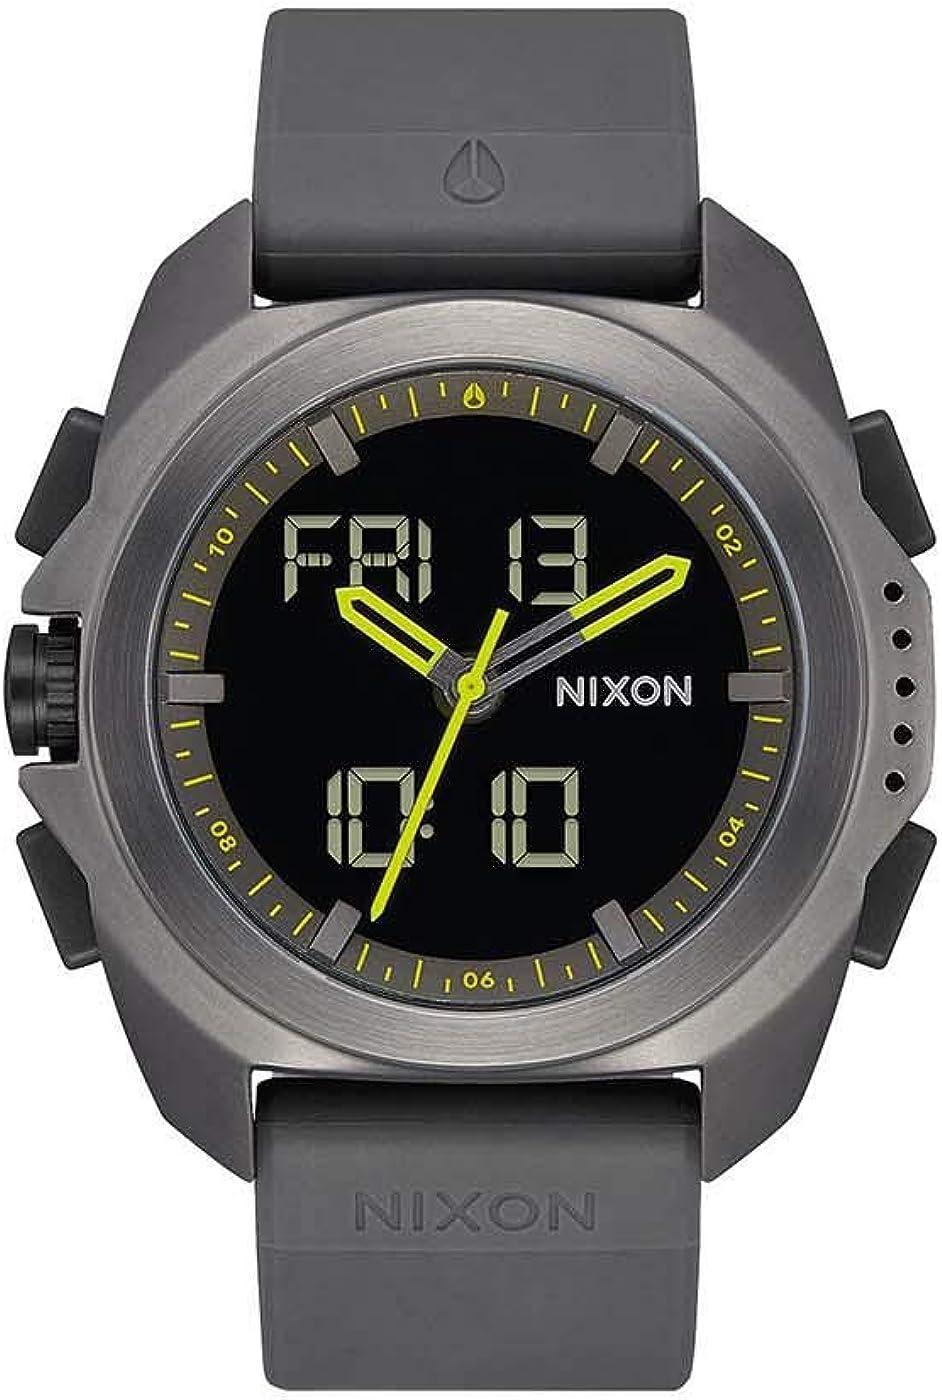 NIXON Reloj Ripley Gunmetal Gris Unisex